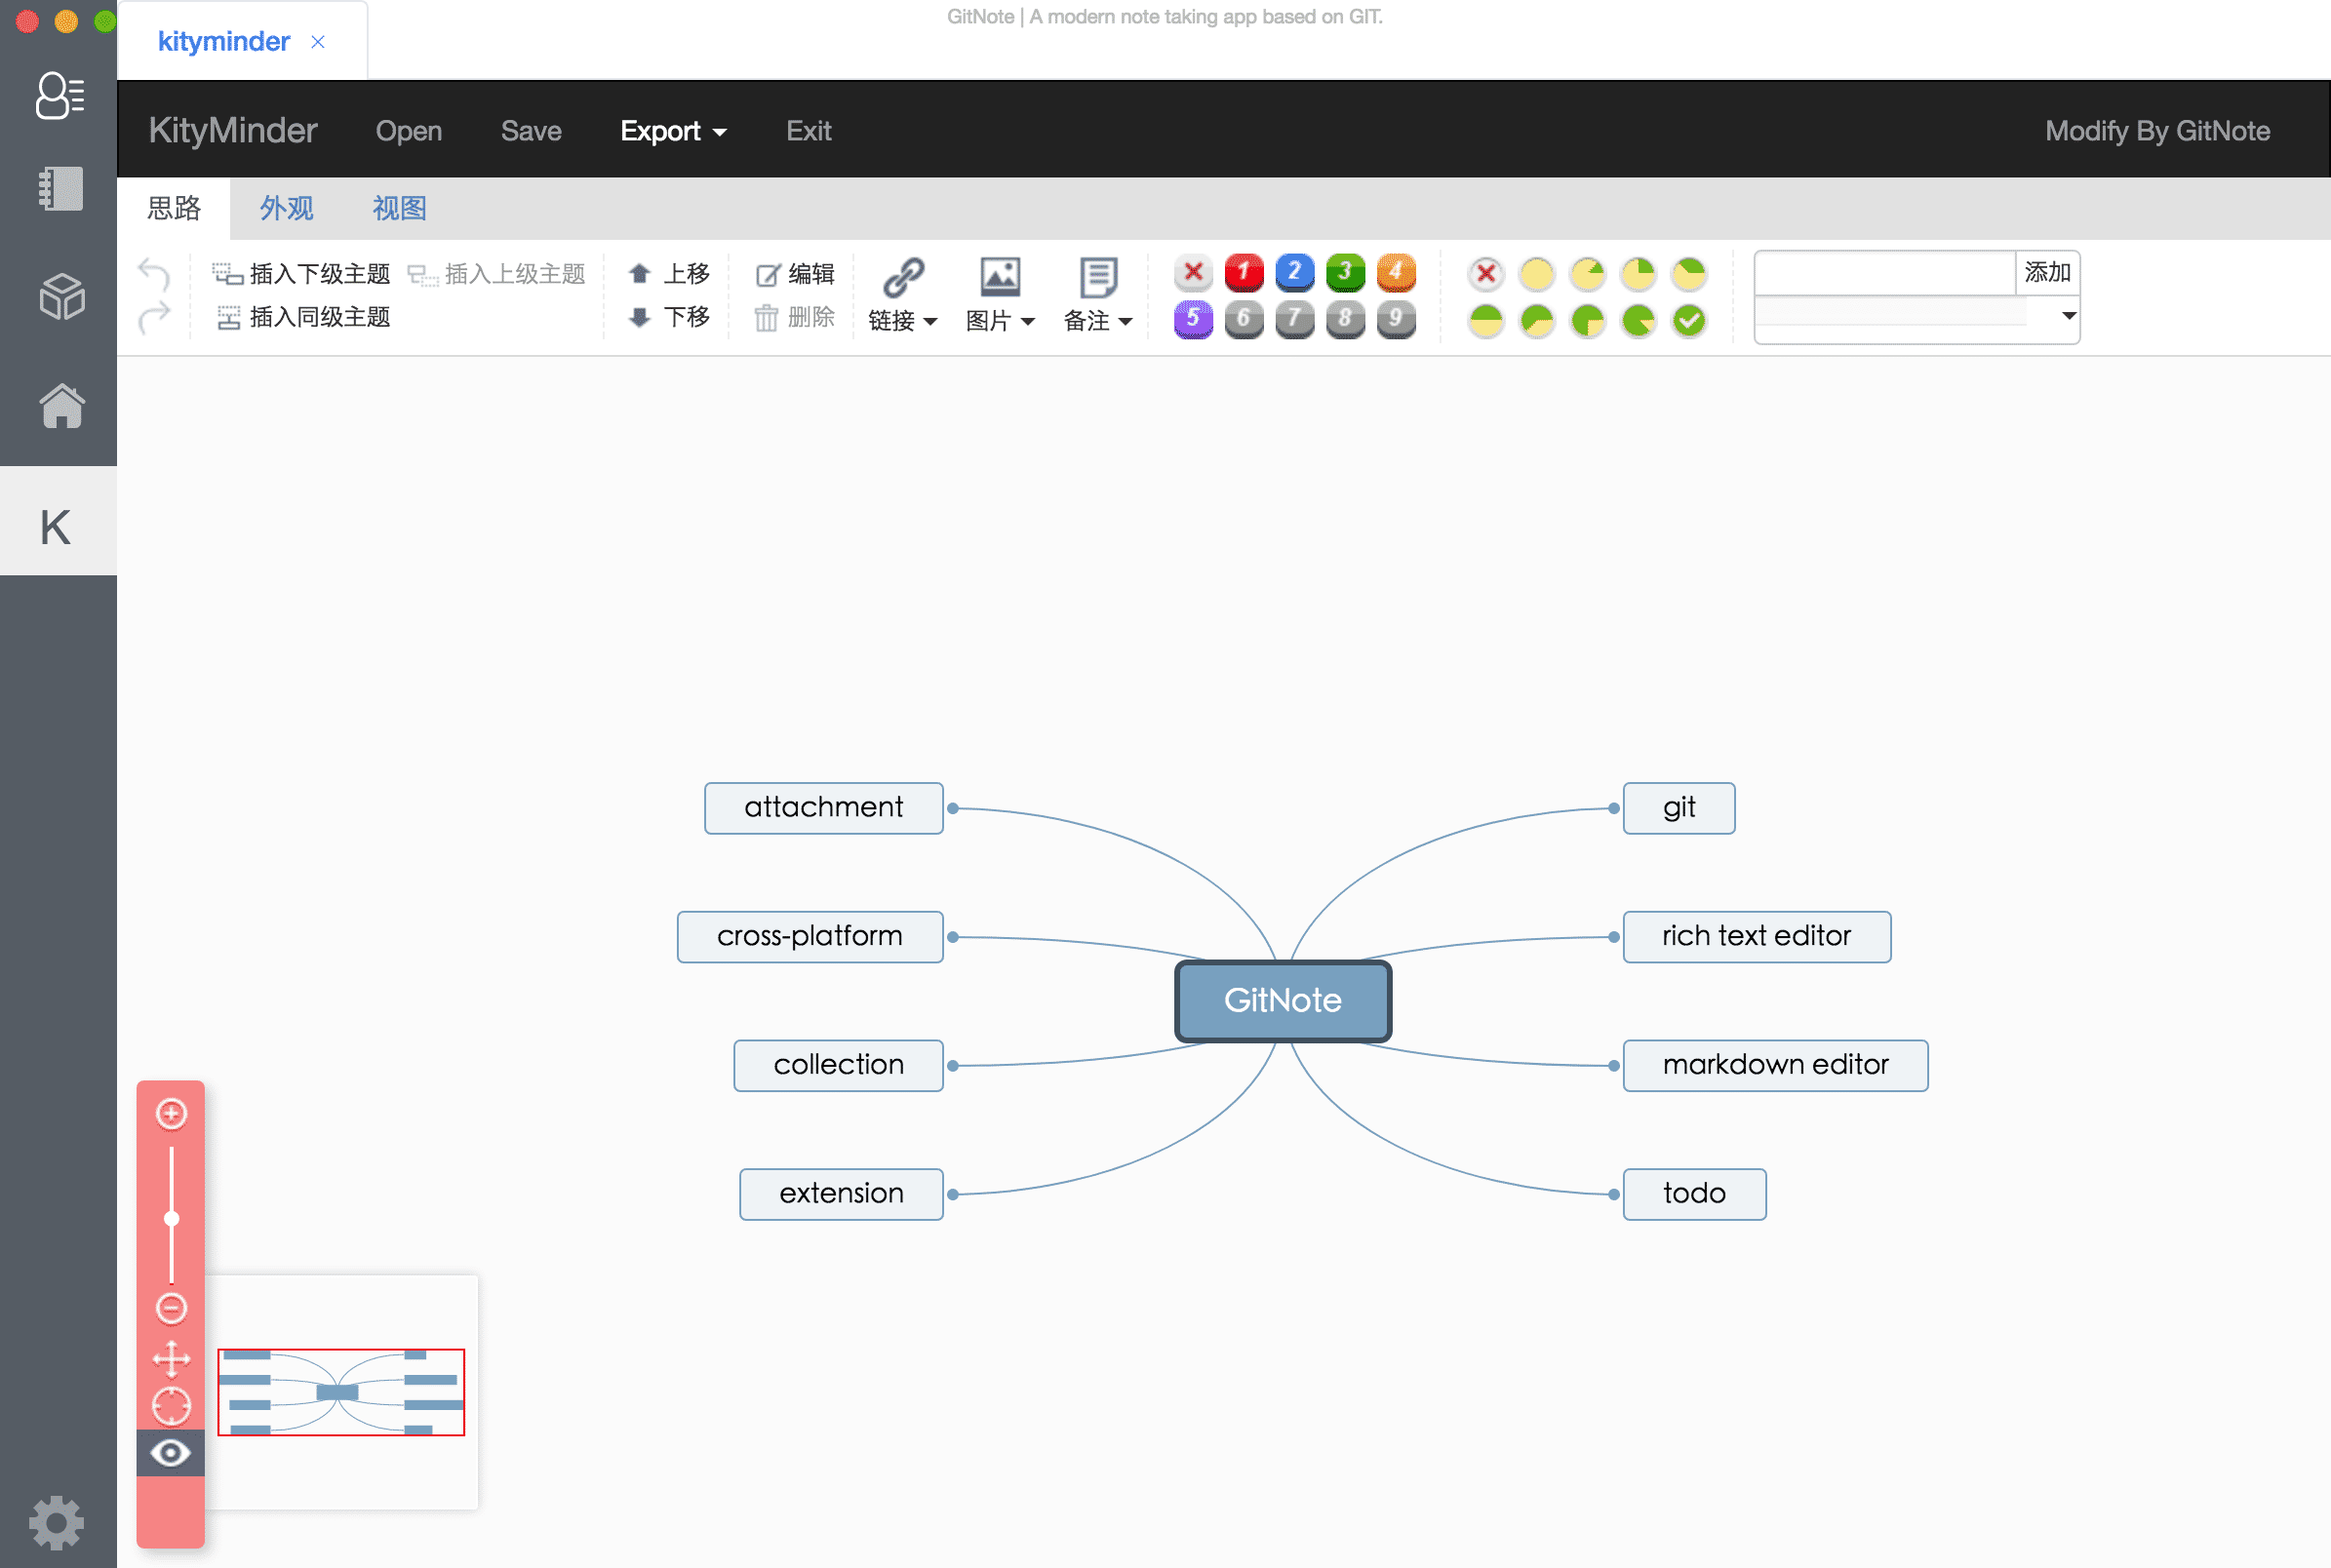 GitNote – 使用 Git 来管理内容的免费跨平台日记笔记软件